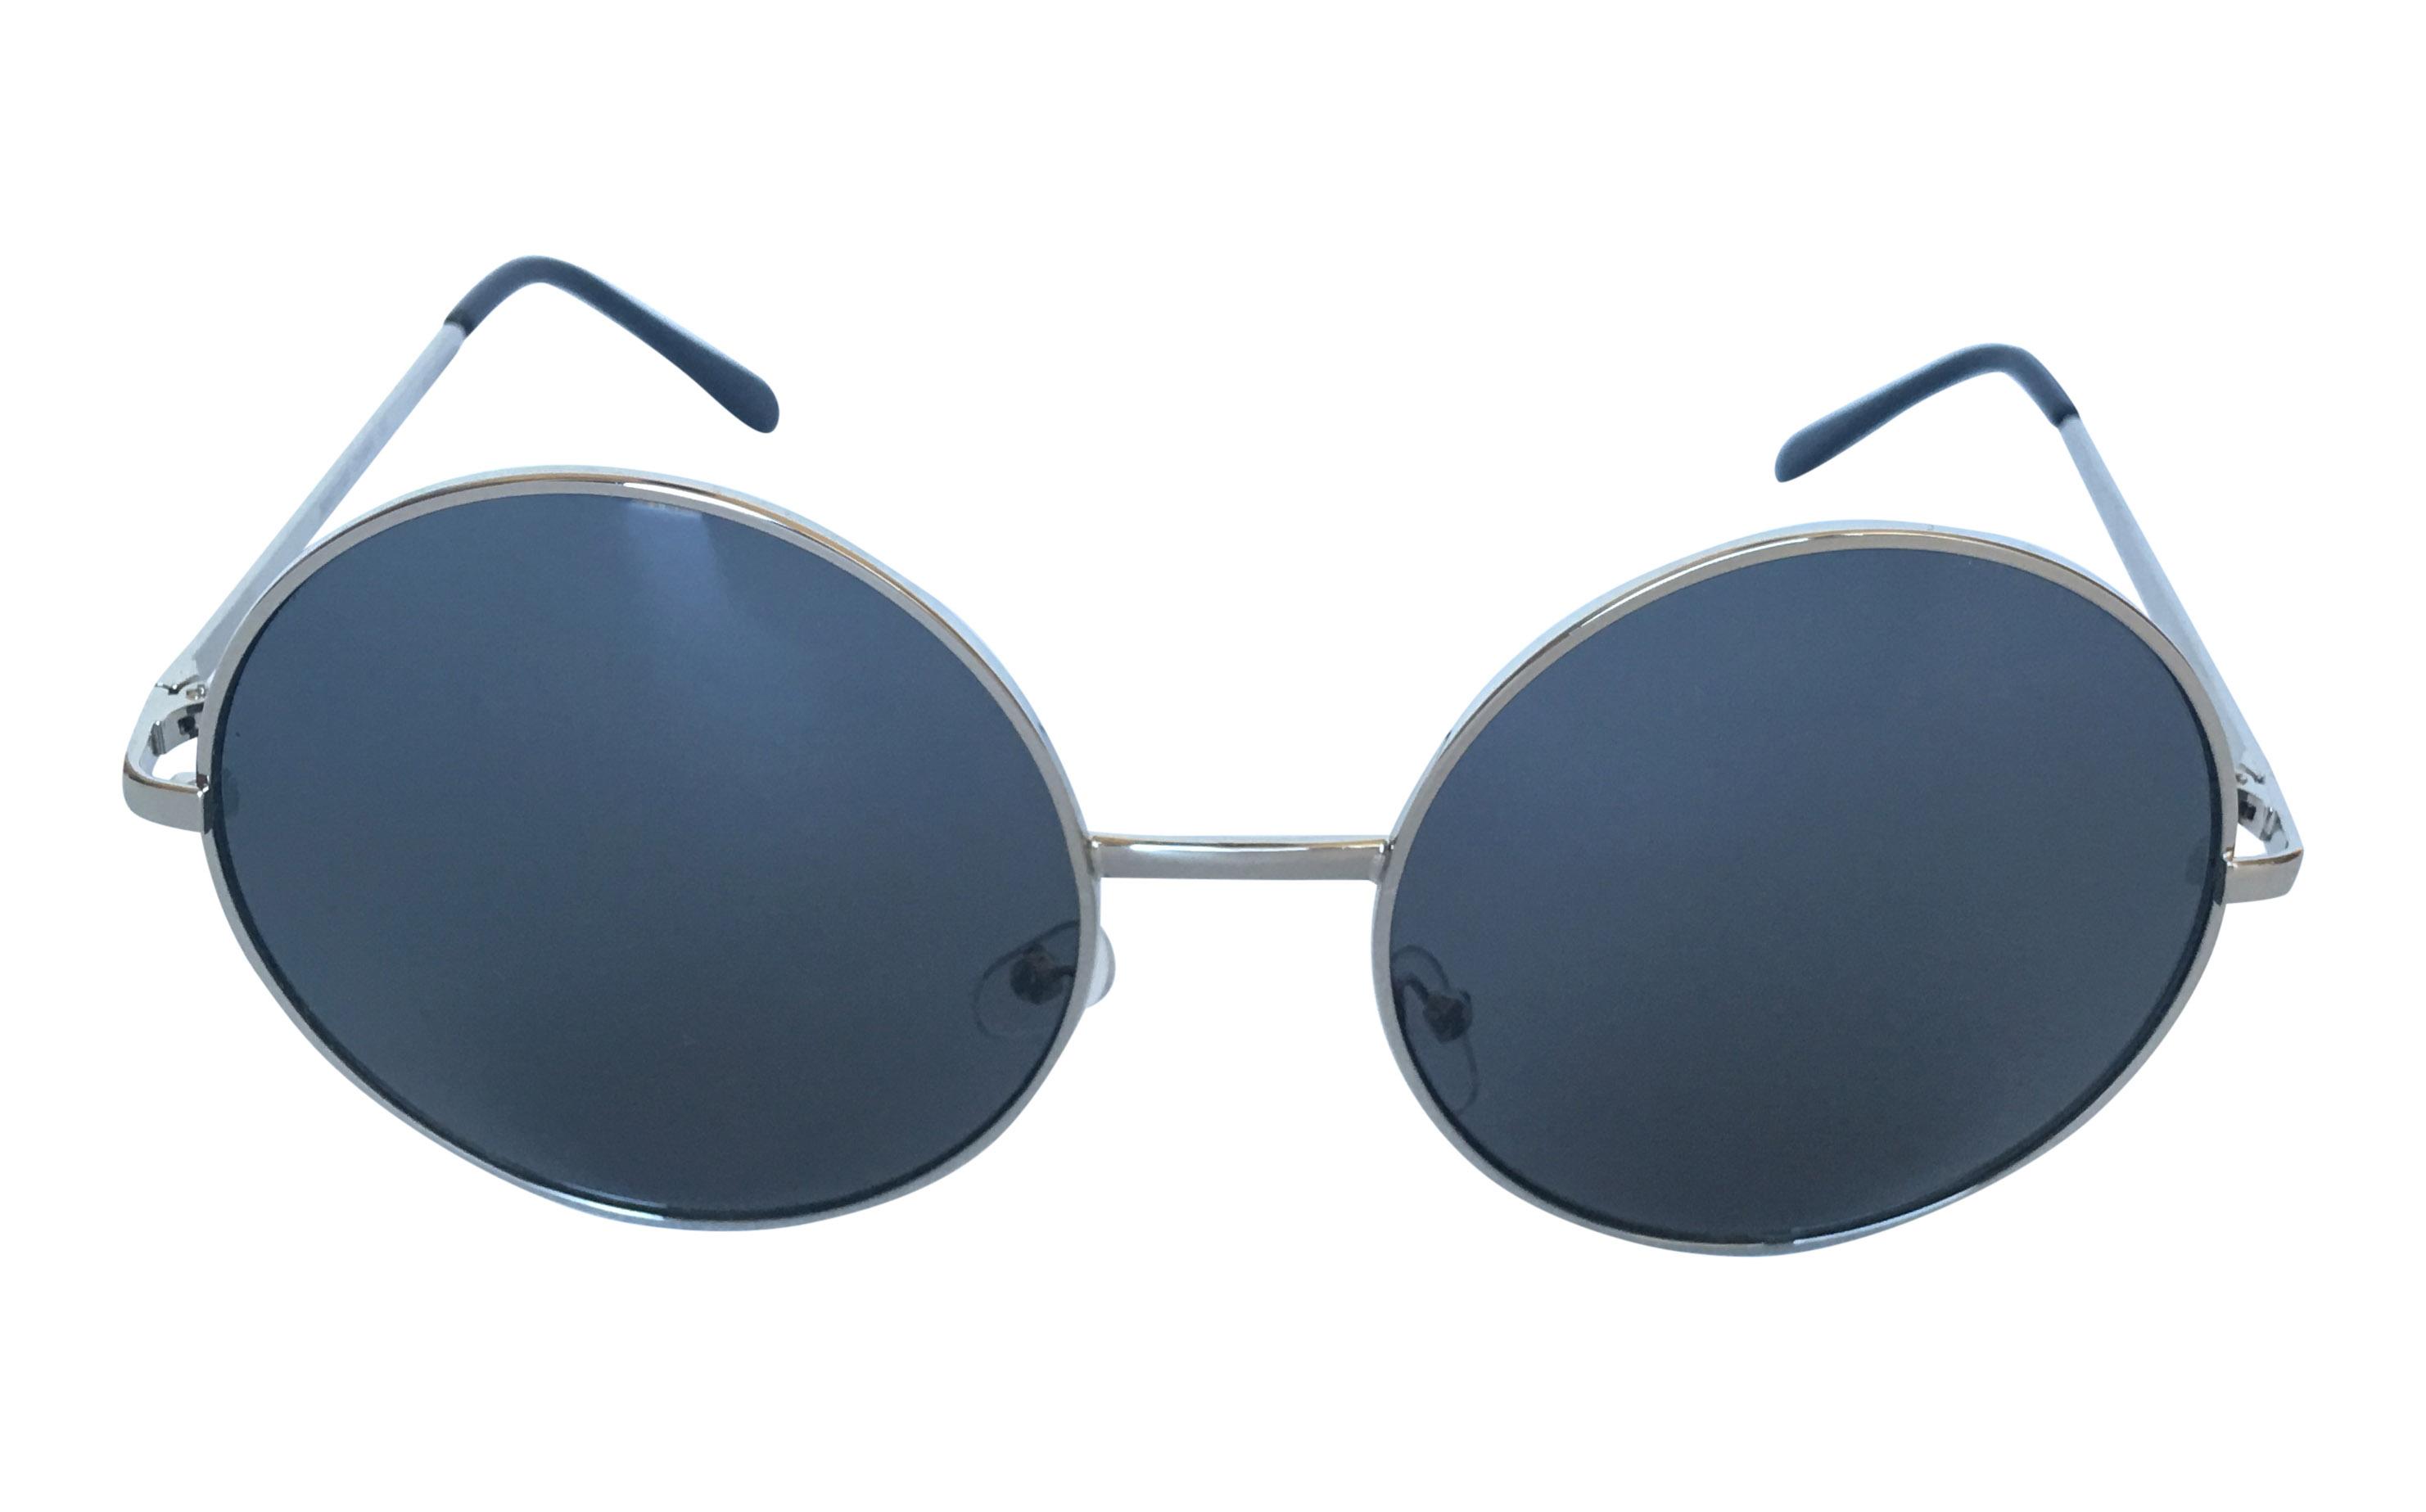 Billiga solglasögon online - Sveriges största och billigaste ... 3ec927e95d060